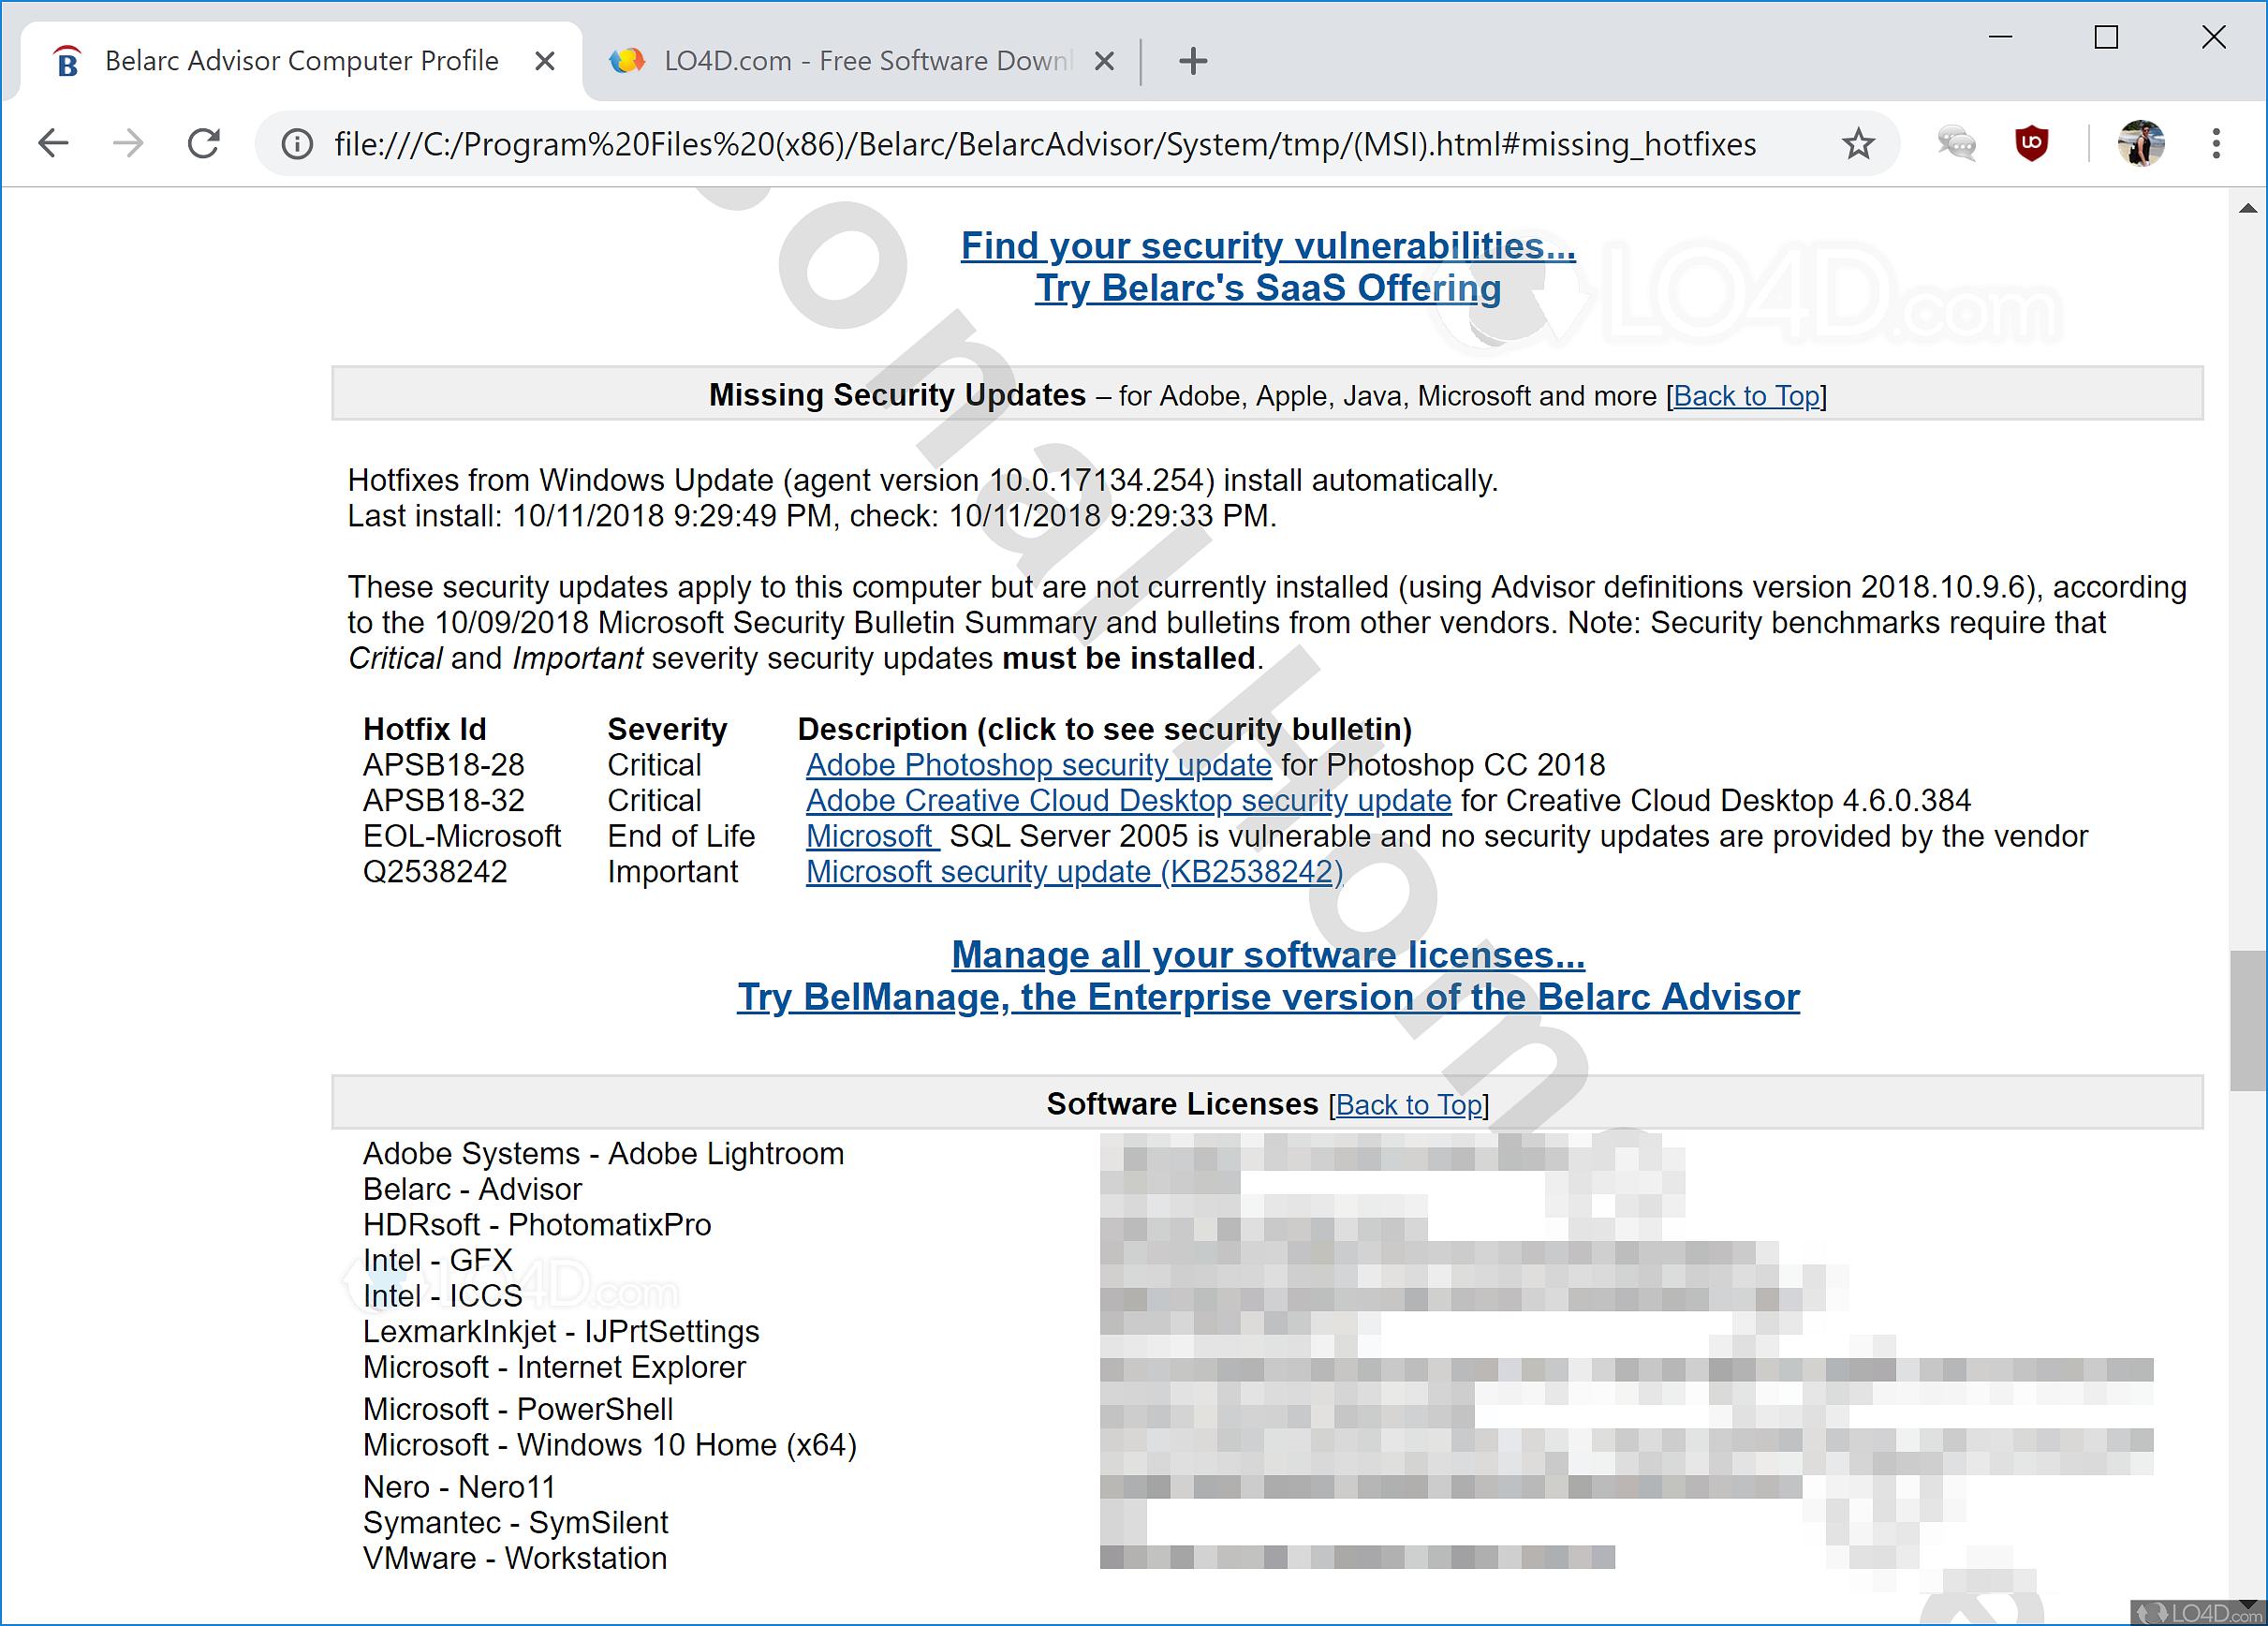 belarc advisor v8.3 review and